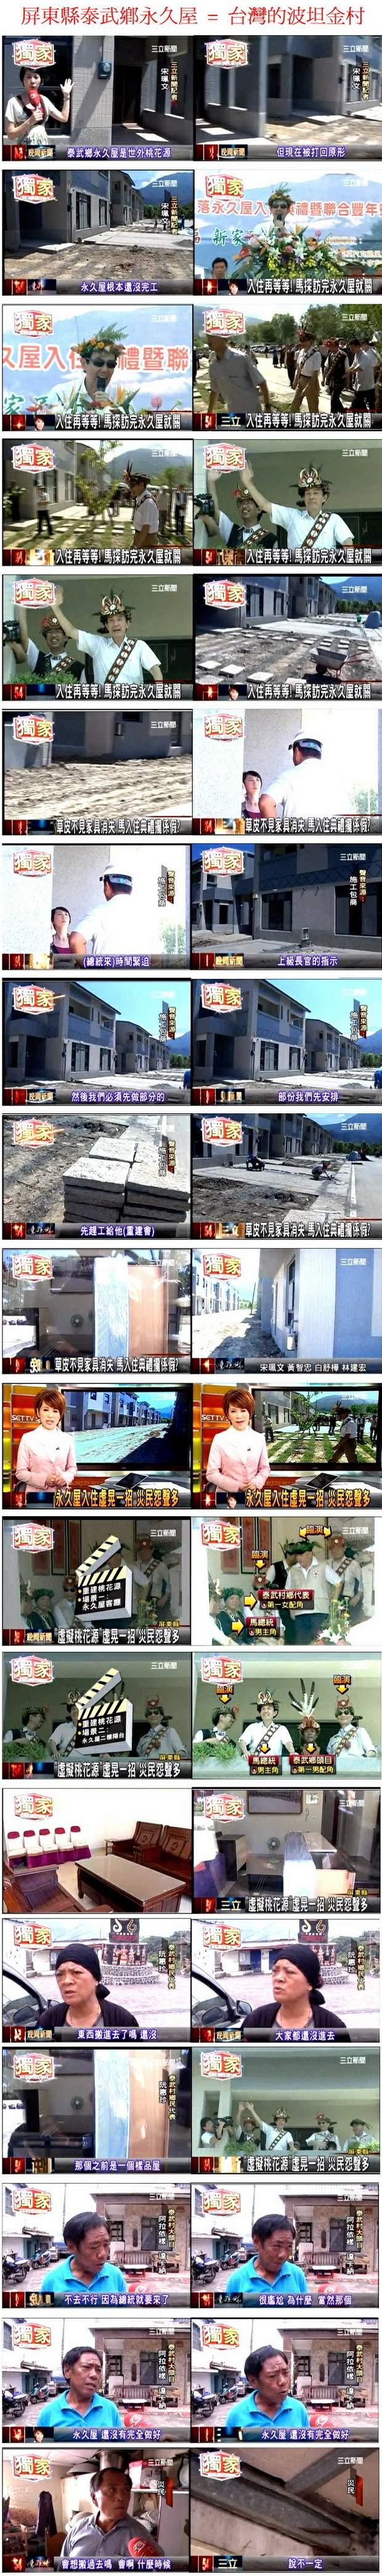 三立新聞泰武鄉永久屋2011.08.18-01.jpg